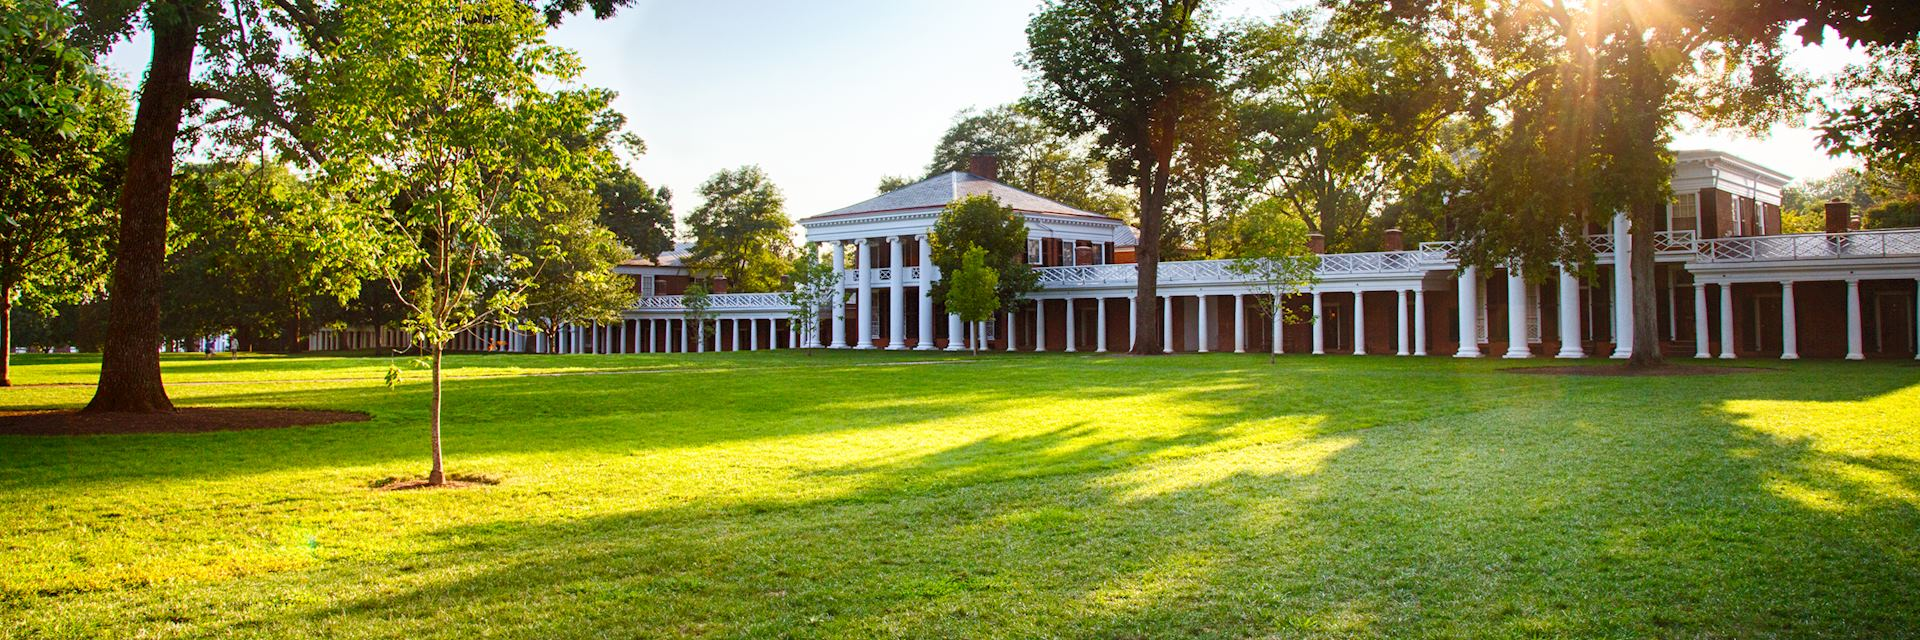 The Lawn, University of Virginia, Charlottesville